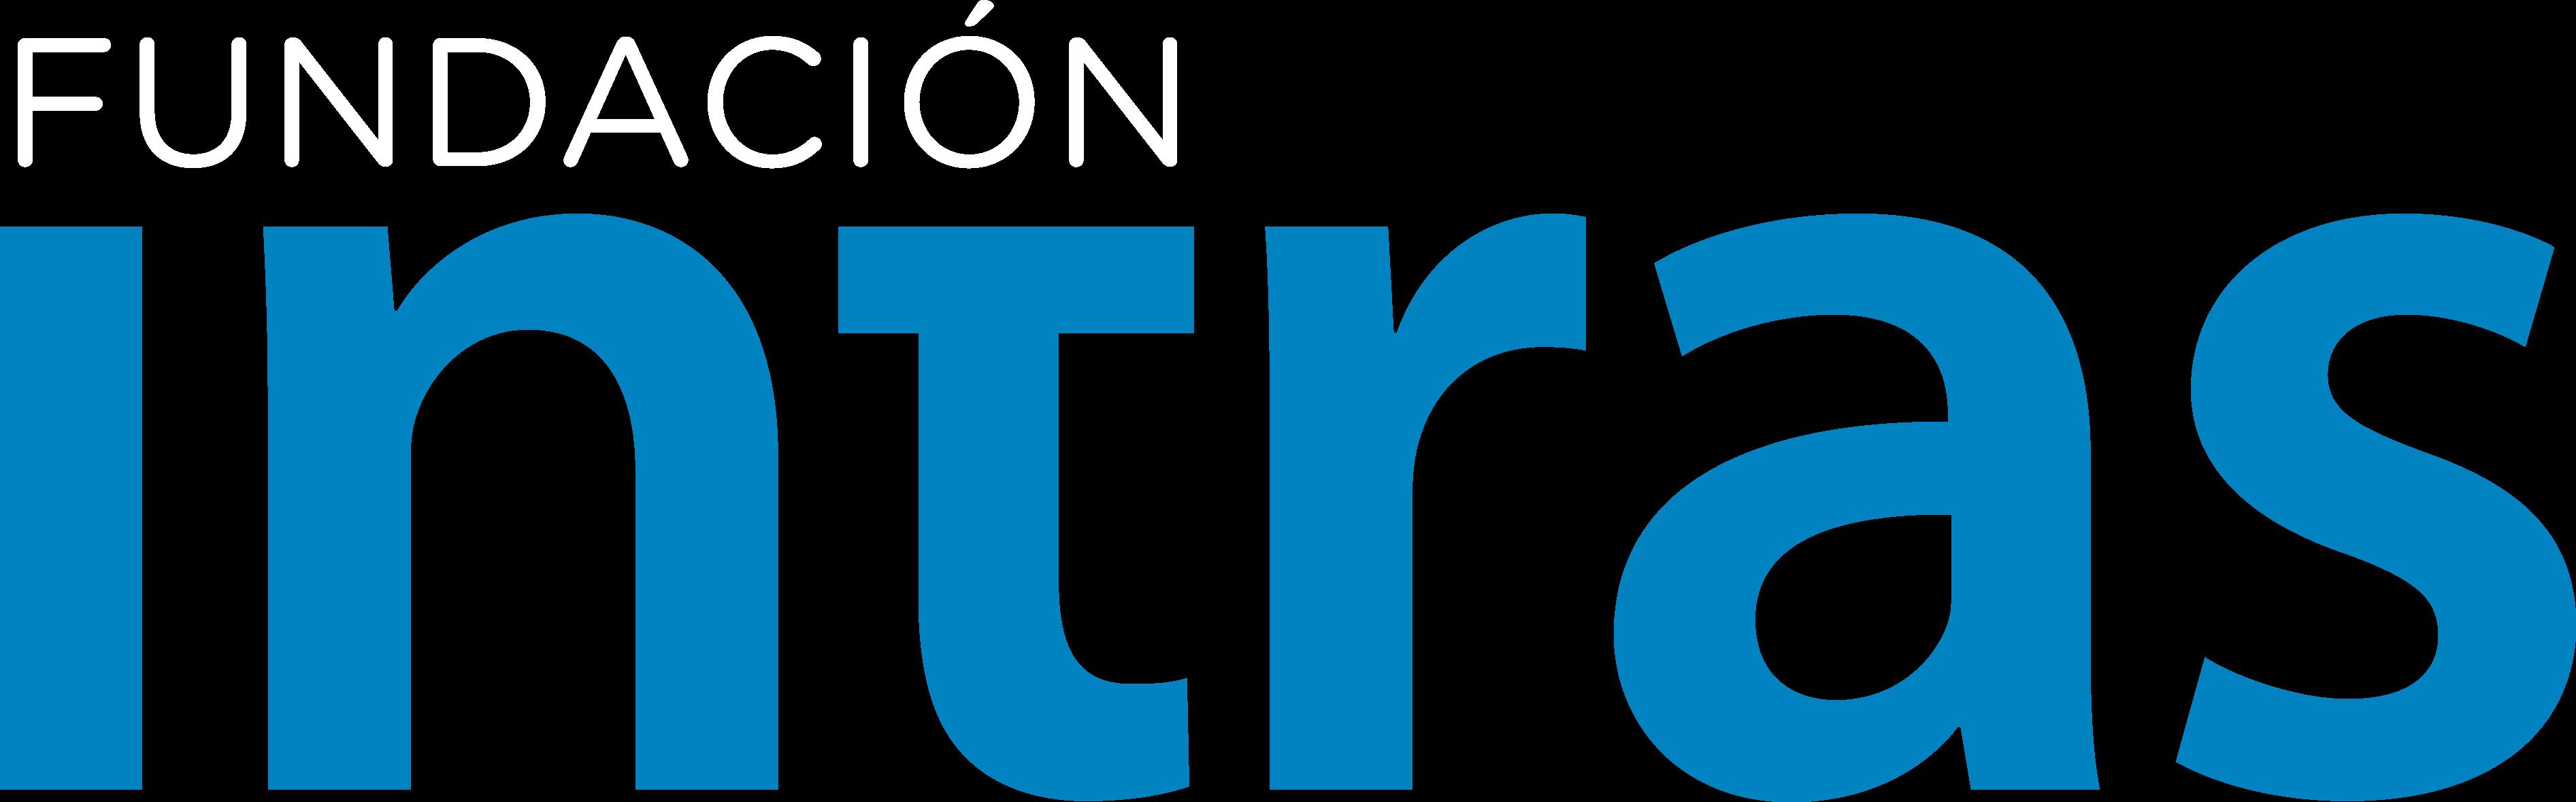 Logo_fondo_transparente_fundacion_blanco